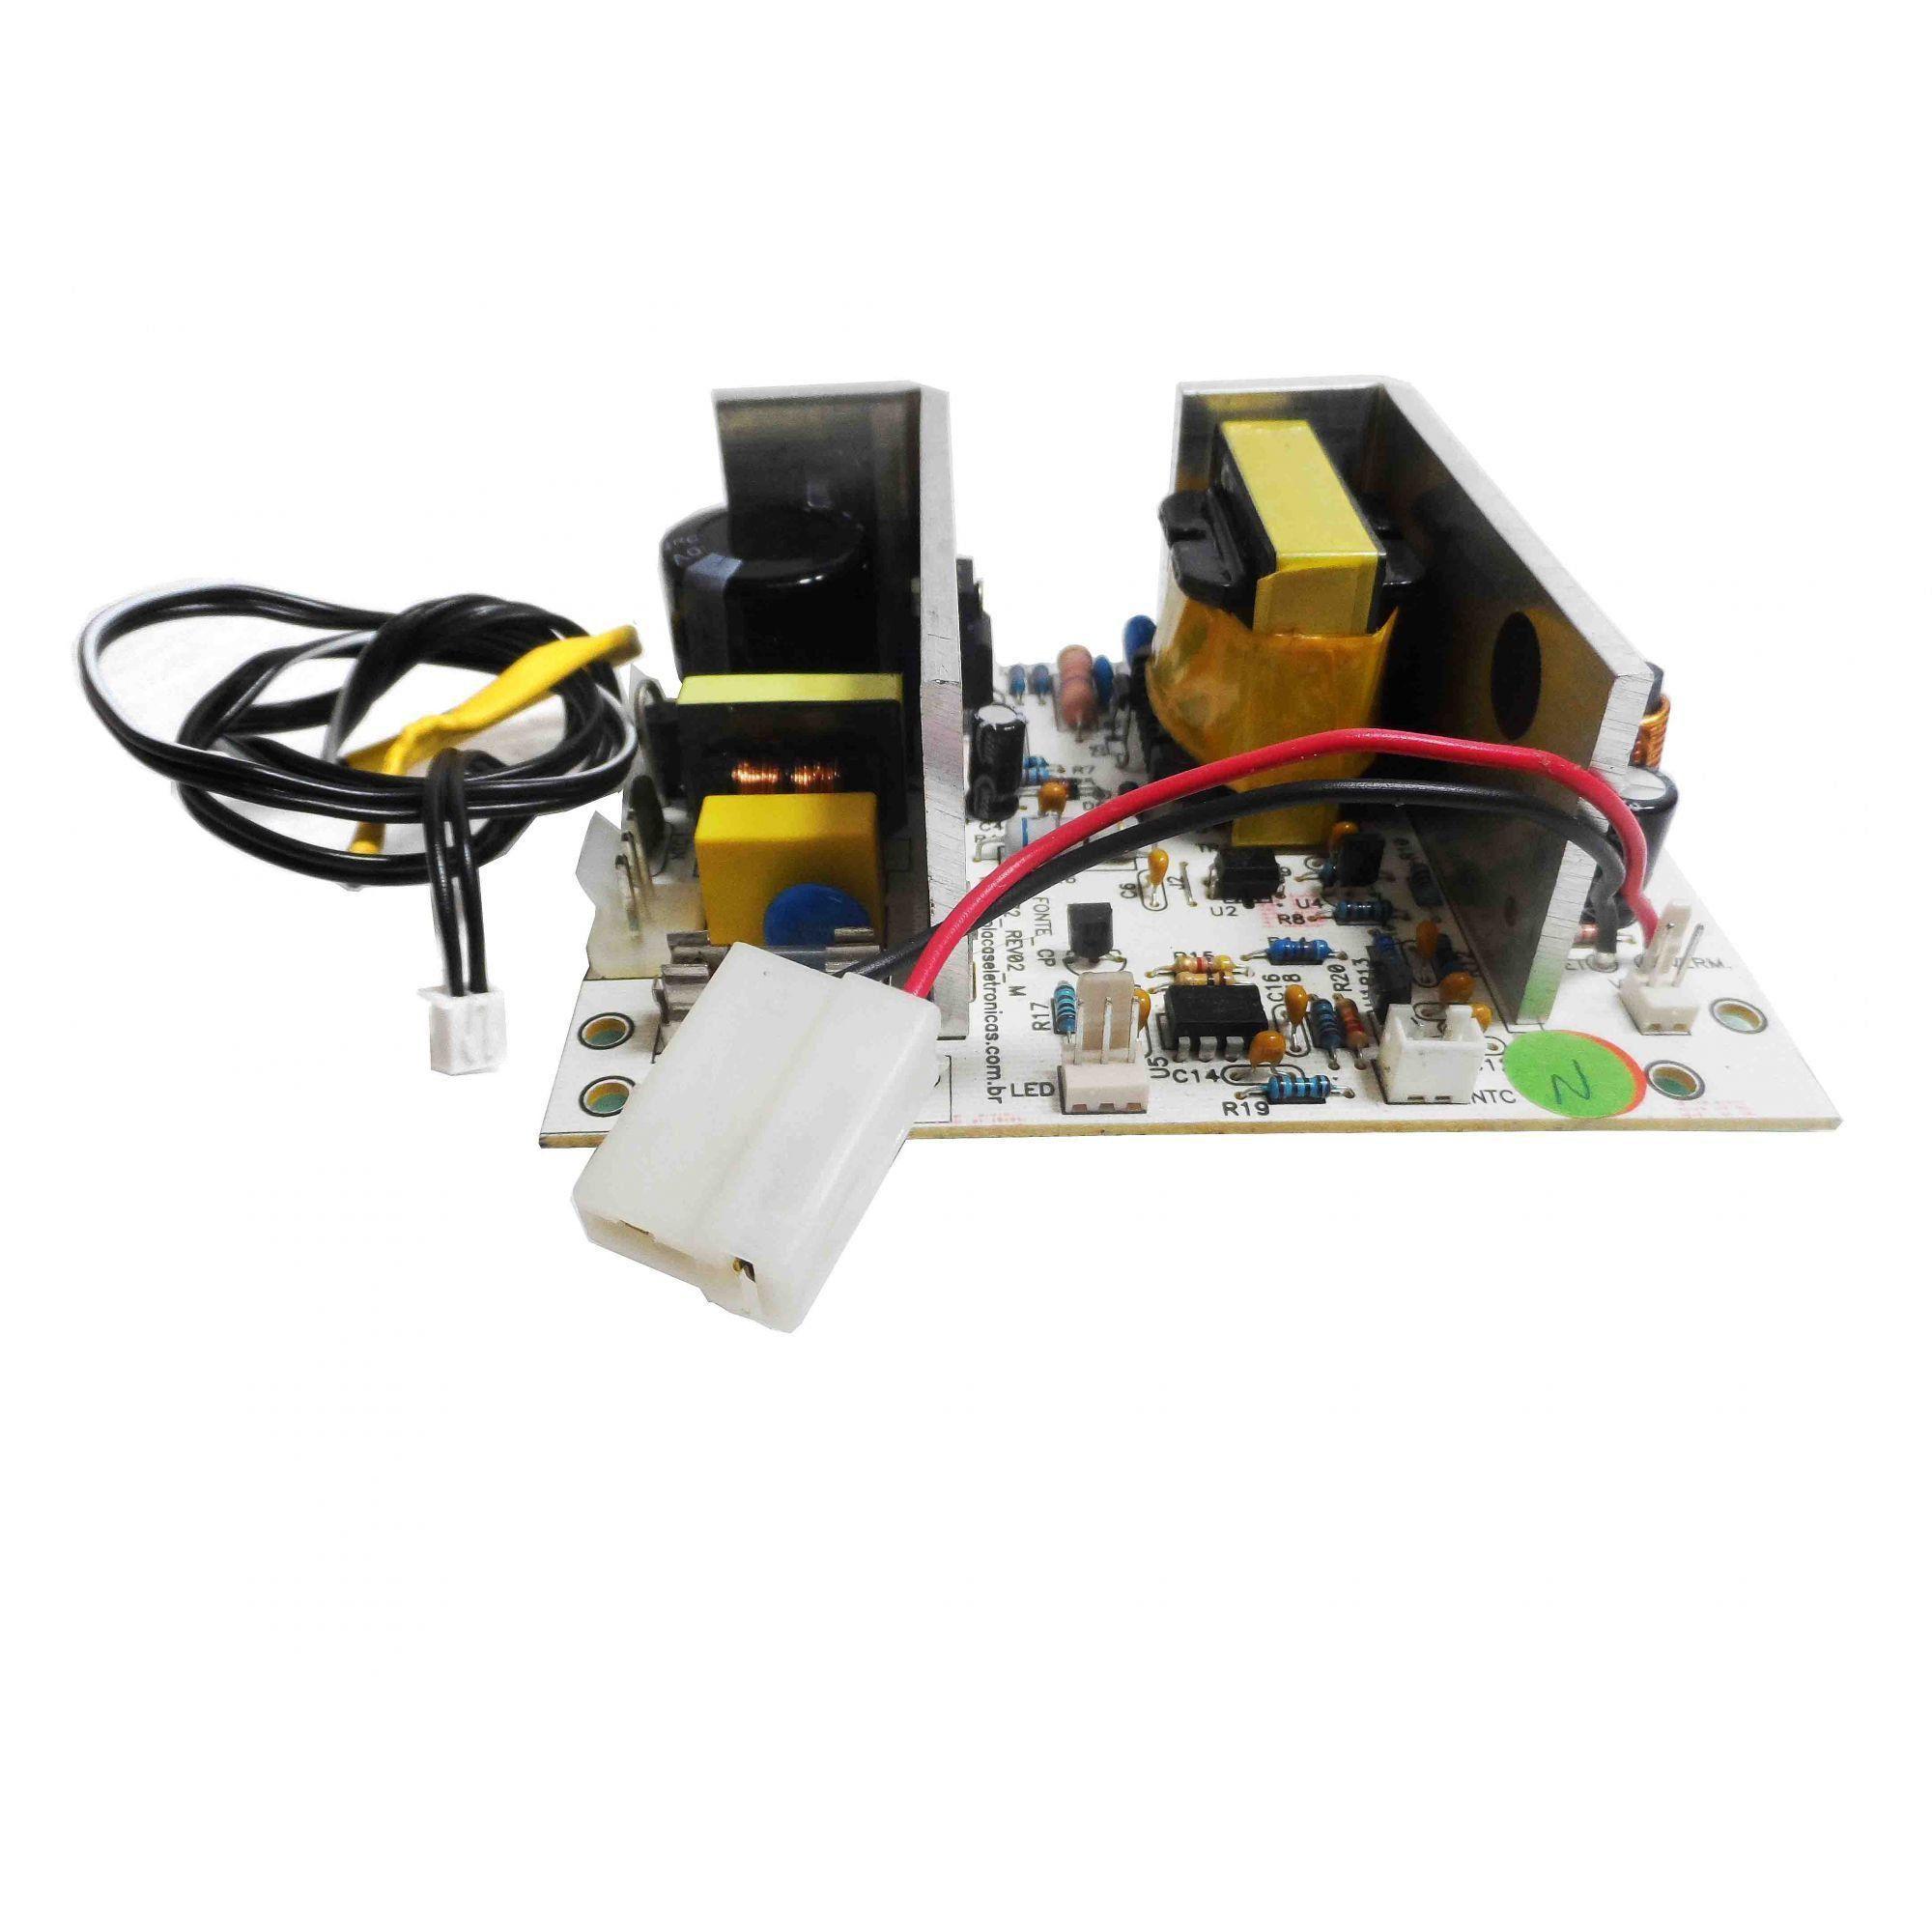 Modulo Eletrônico Bebedouro Latina Plena Moderno 127V CP Eletrônica 0526